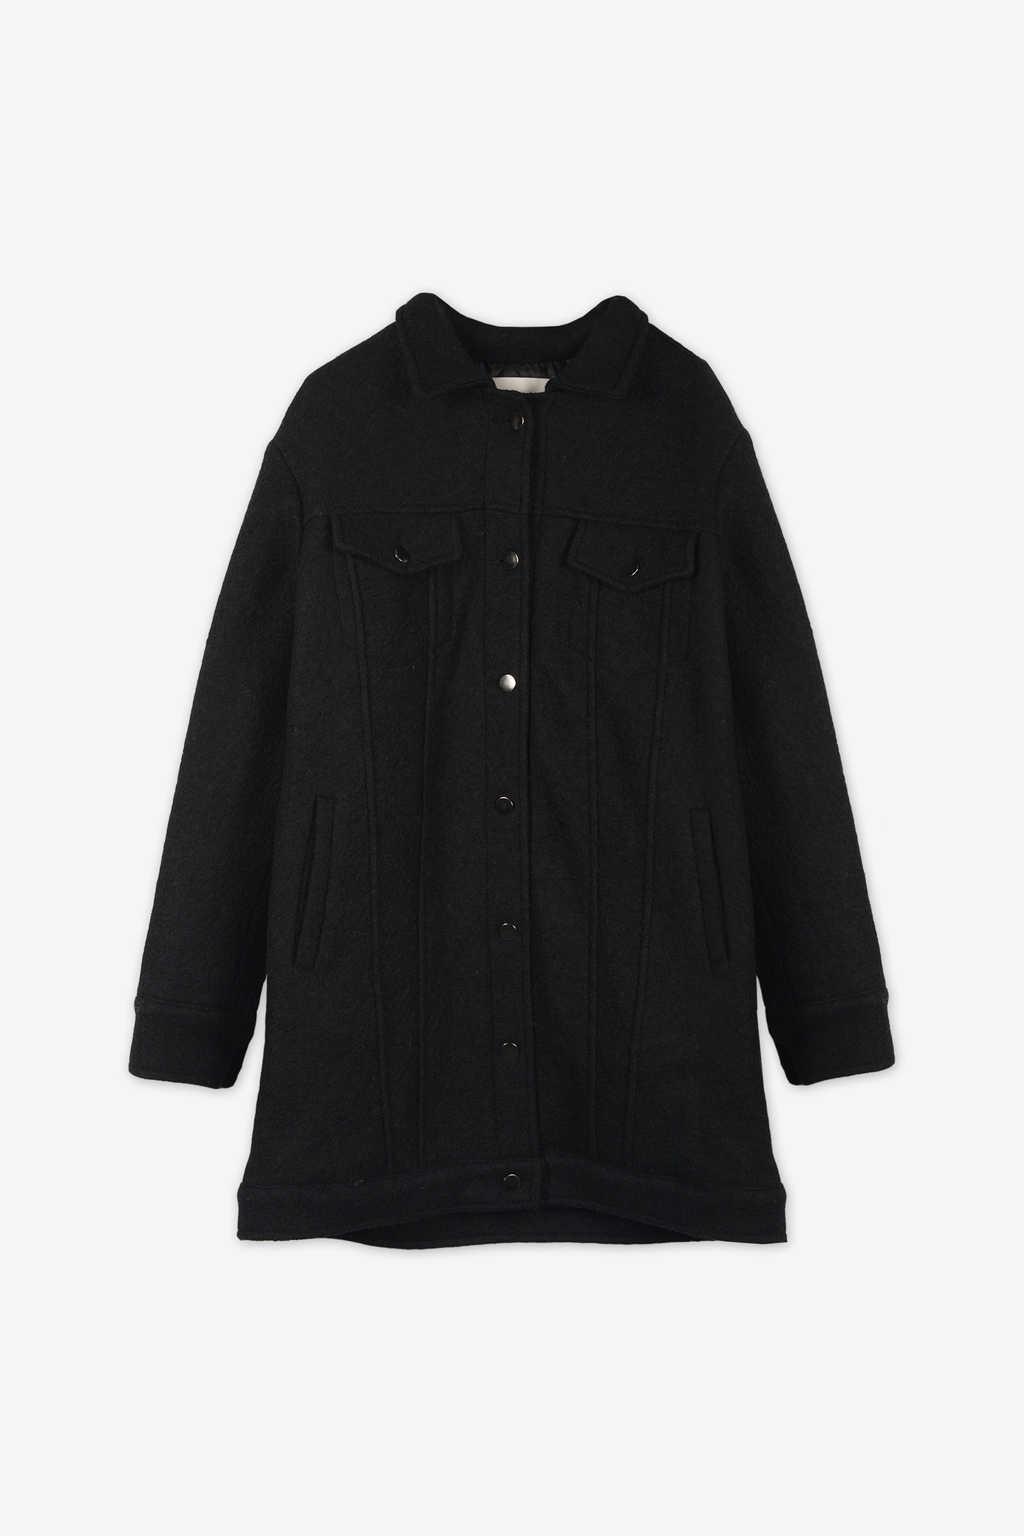 Coat G29 Black 5